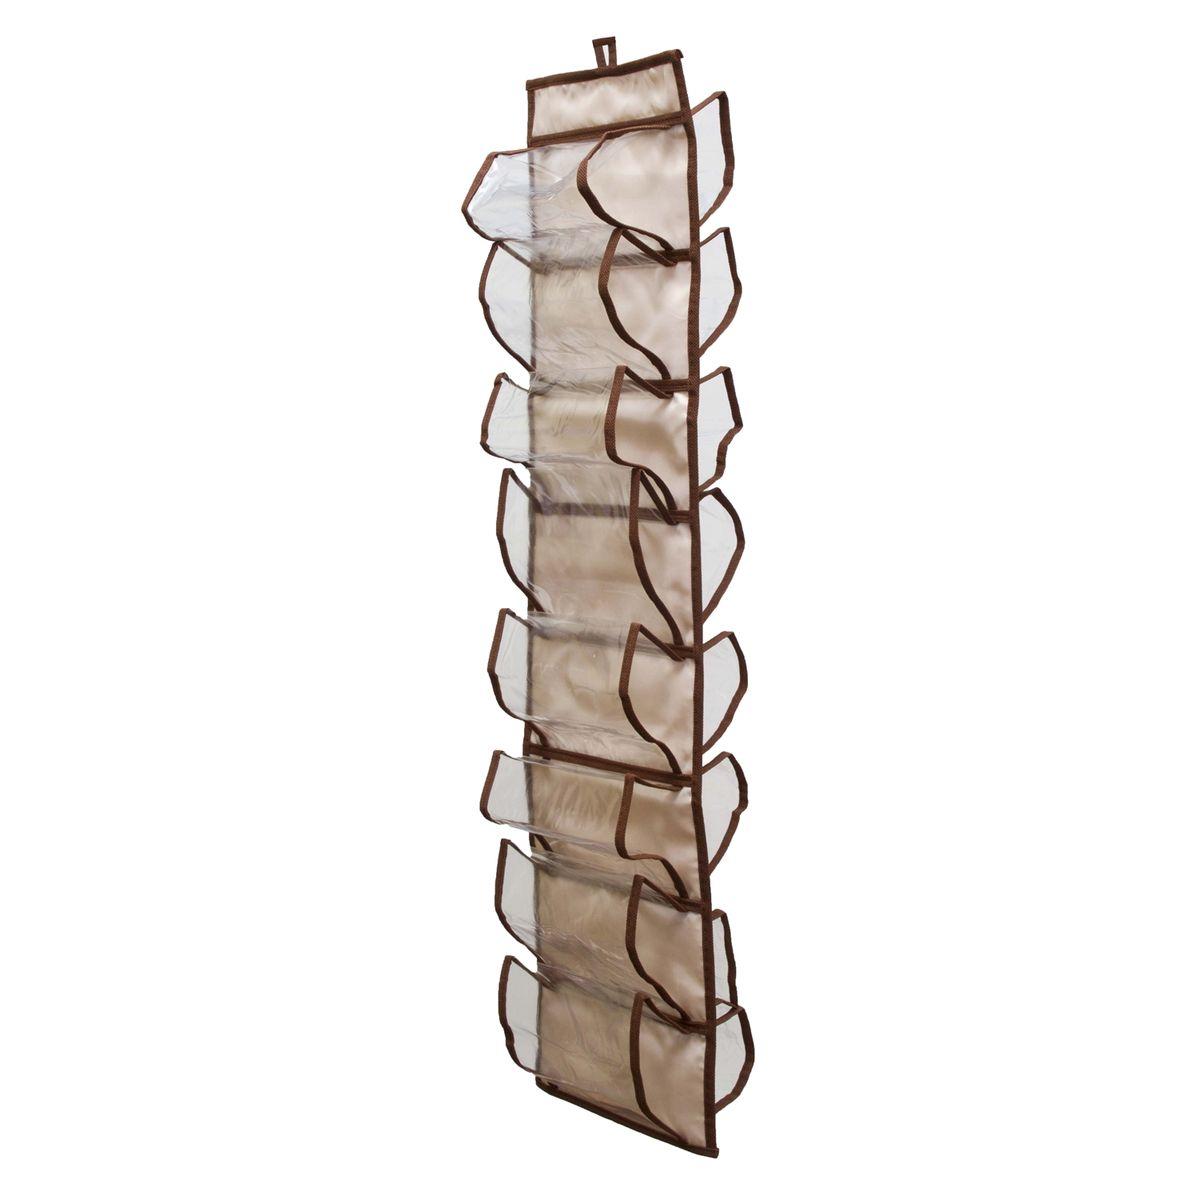 Органайзер для хранения шарфов и мелочей Homsu Bora-Bora, подвесной, 20 х 80 смHOM-25Подвесной двусторонний органайзер для хранения Homsu Bora-Bora изготовлен из высококачественного нетканого материала (полиэстер). Изделие позволяет сохранить естественную вентиляцию, а воздуху свободно проникать внутрь, не пропуская пыль. Органайзер оснащен 16 раздельными секциями. Идеально подходит для хранения разных мелочей в шкафу. Мобильность конструкции обеспечивает складывание и раскладывание одним движением. Размер органайзера: 20 х 80 см.